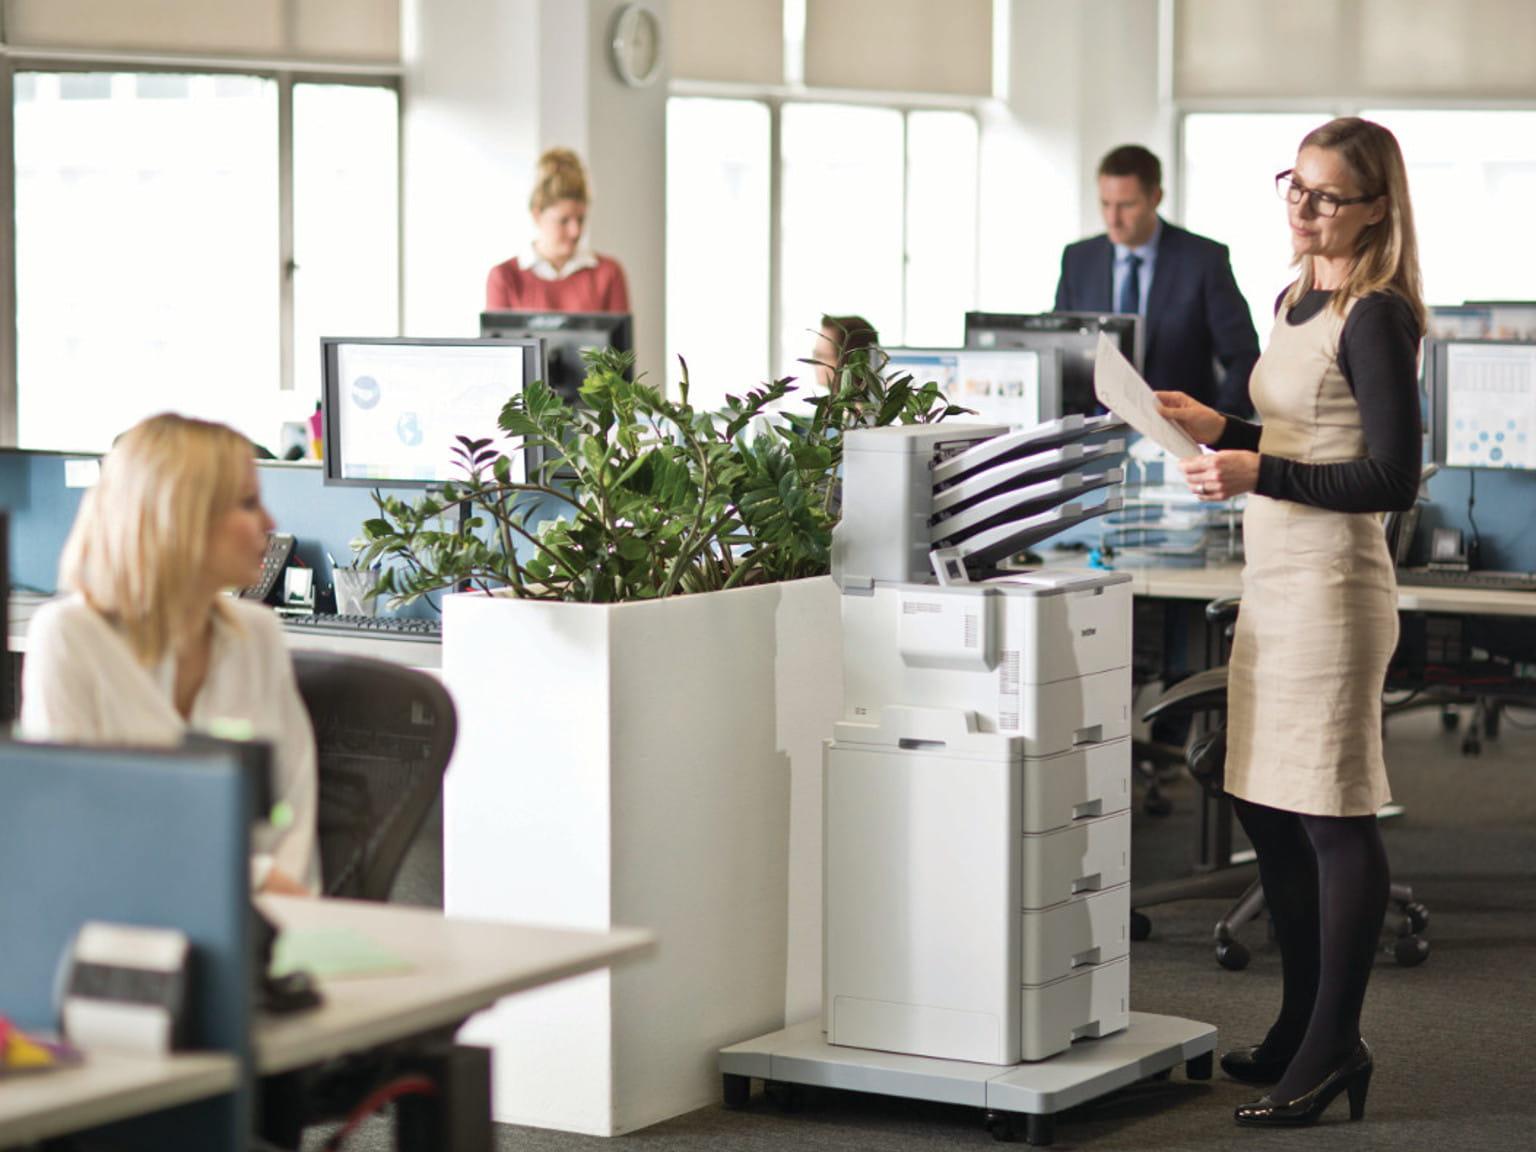 Oficina con 5 personas y una impresora con base pedestal Brother